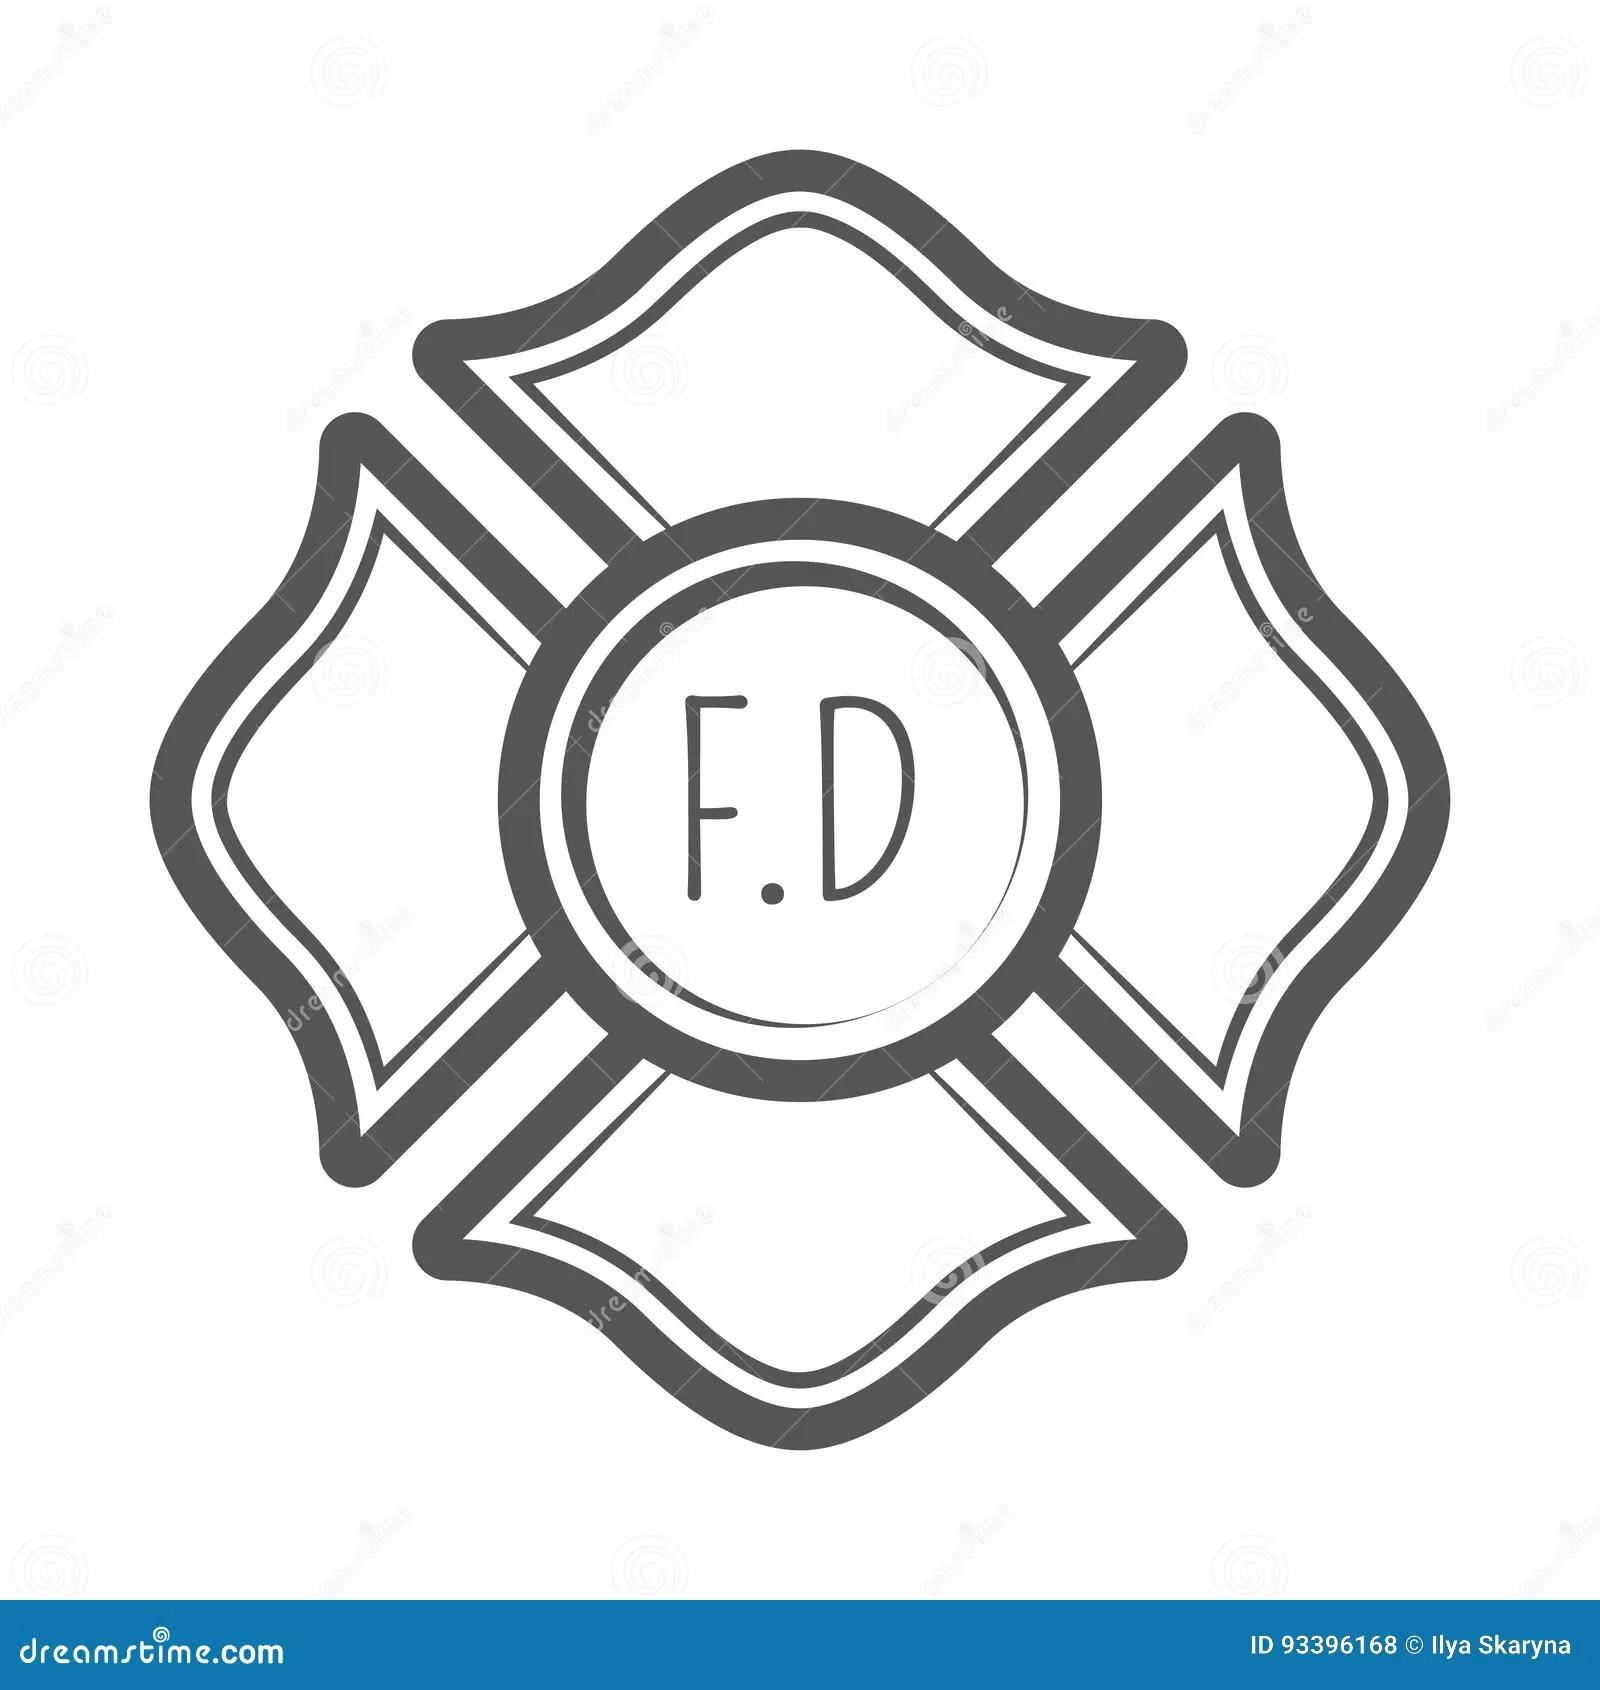 Meltese Cross Fire Dept